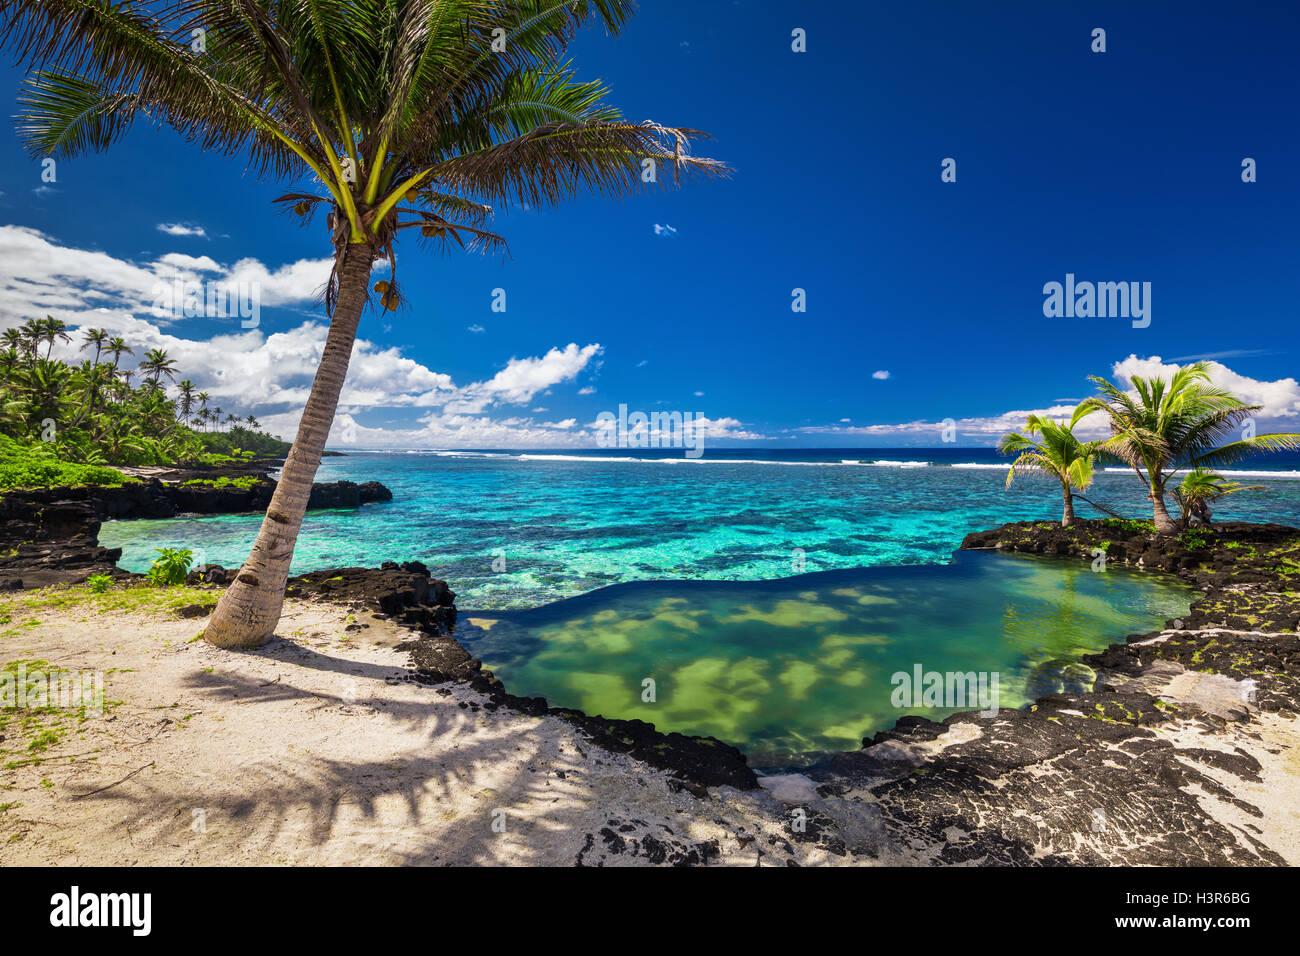 Piscine à débordement naturel rock avec des palmiers au-dessus de l'océan tropical lagoon Photo Stock